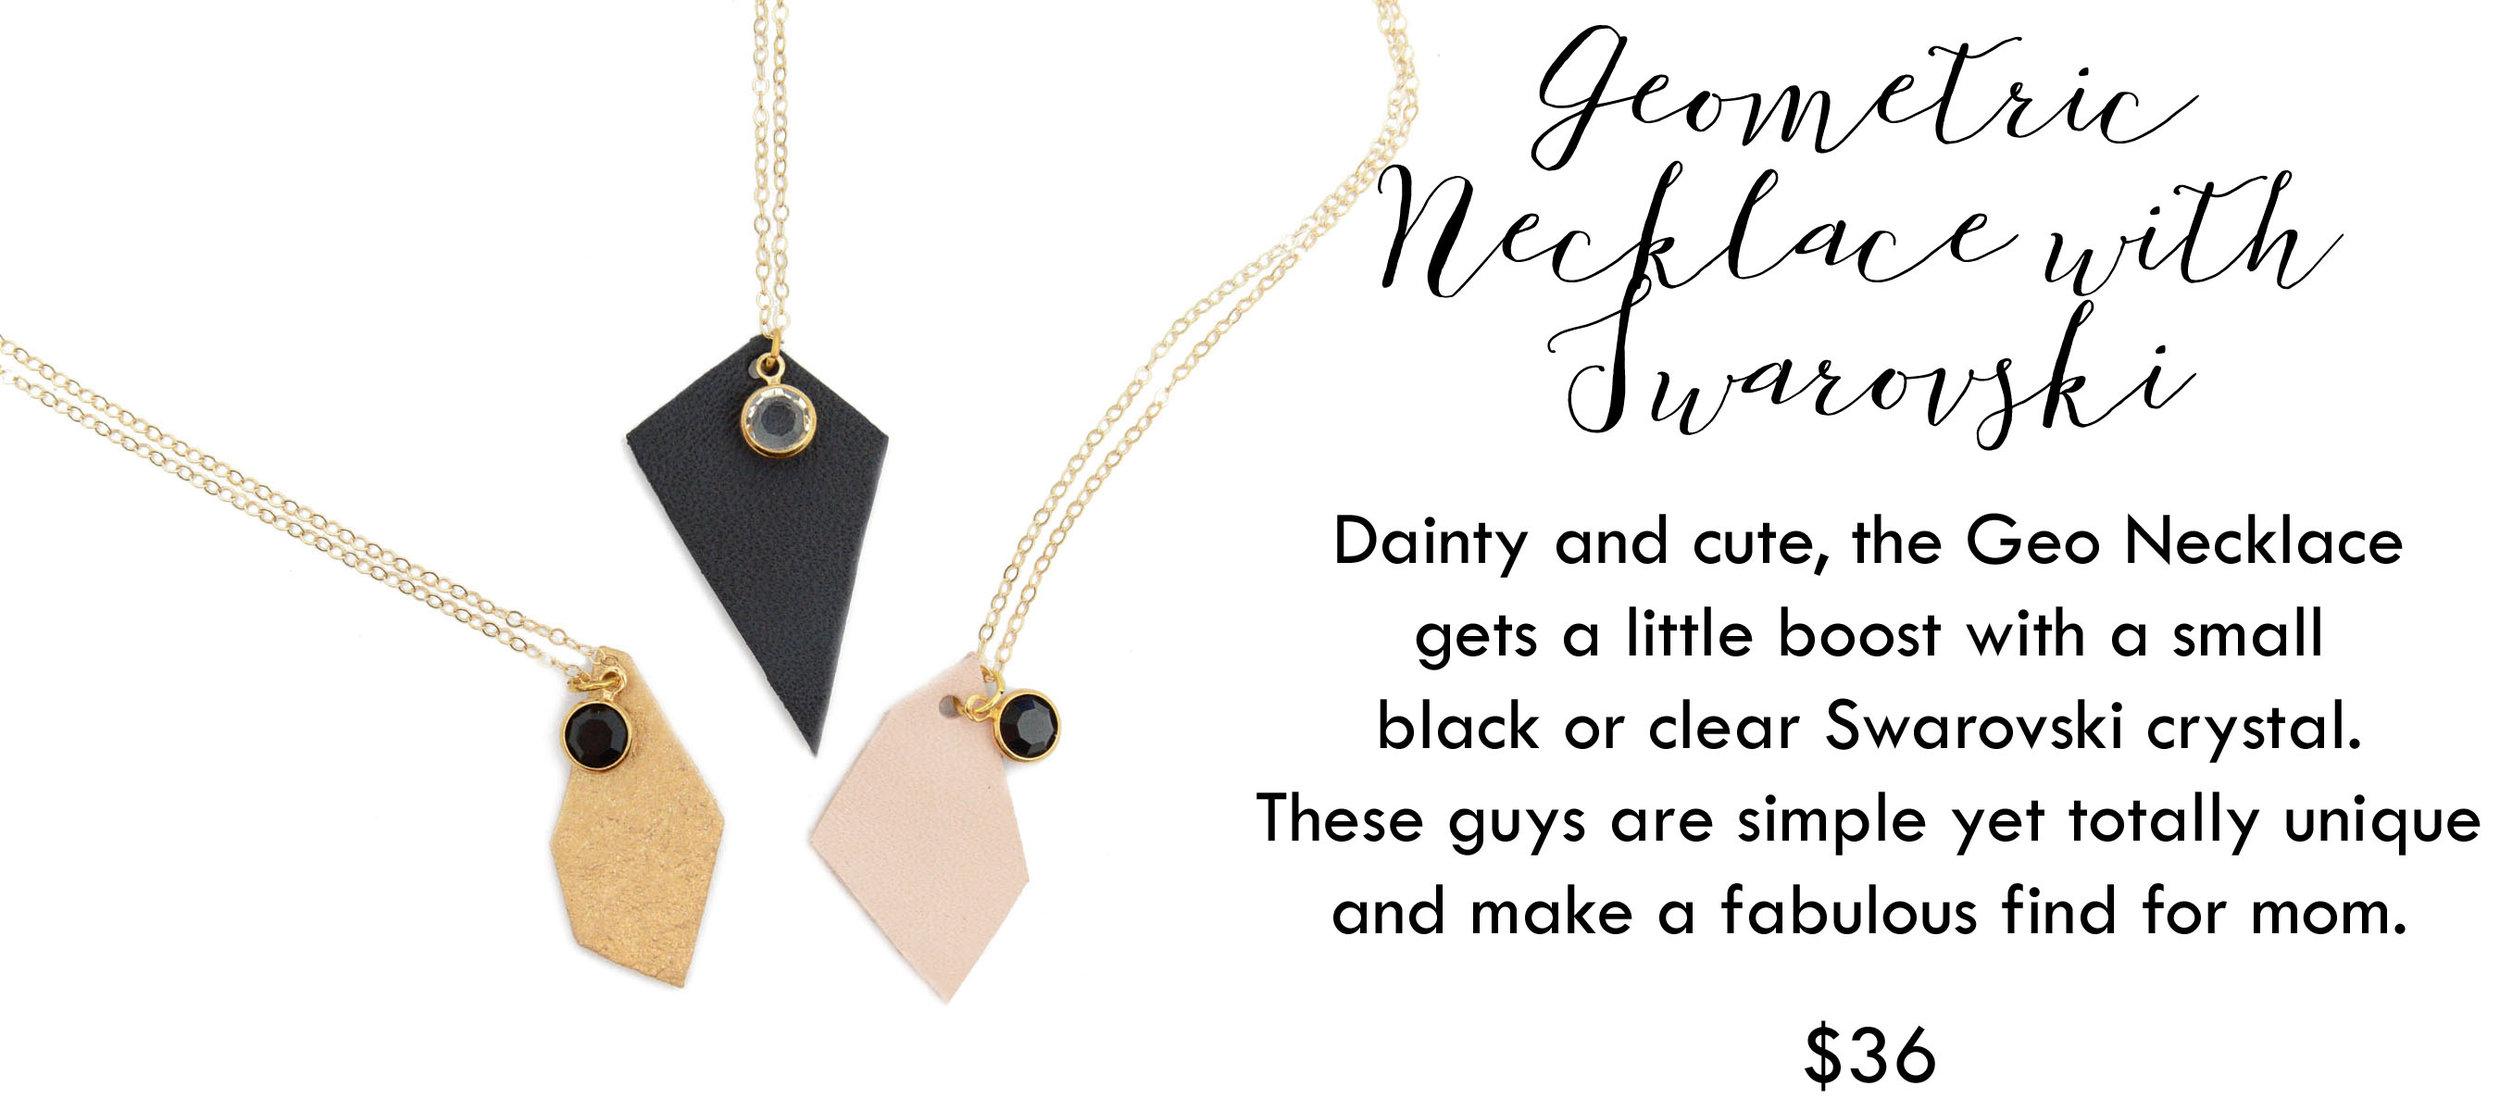 geo necklaces.jpg